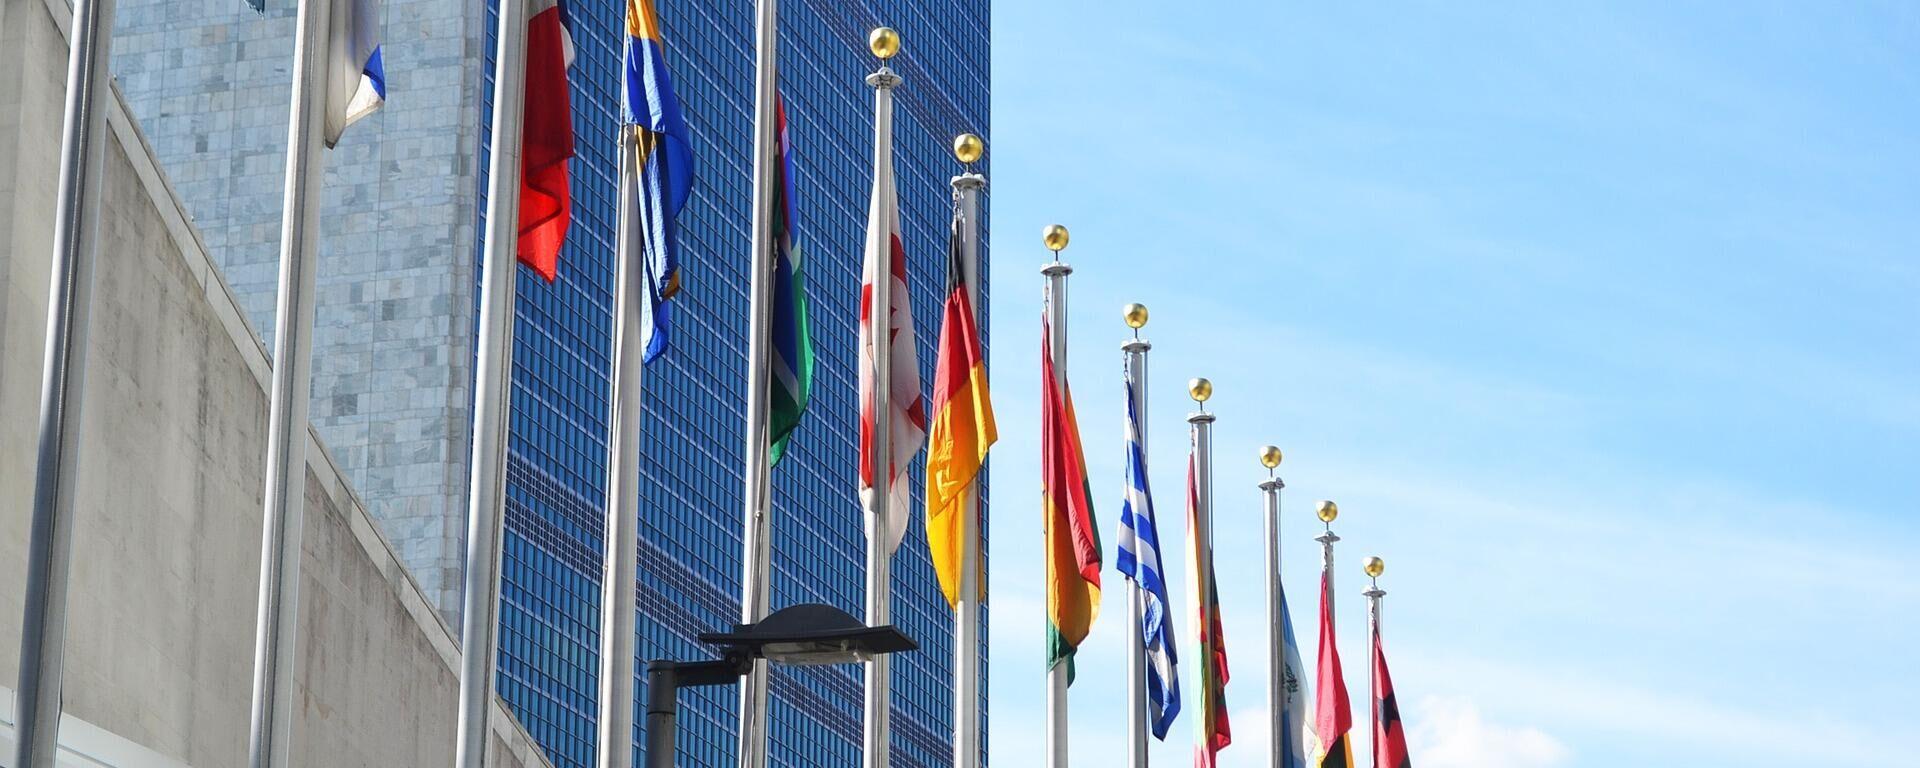 Vereinte Nationen (Symbolbild) - SNA, 1920, 23.09.2021